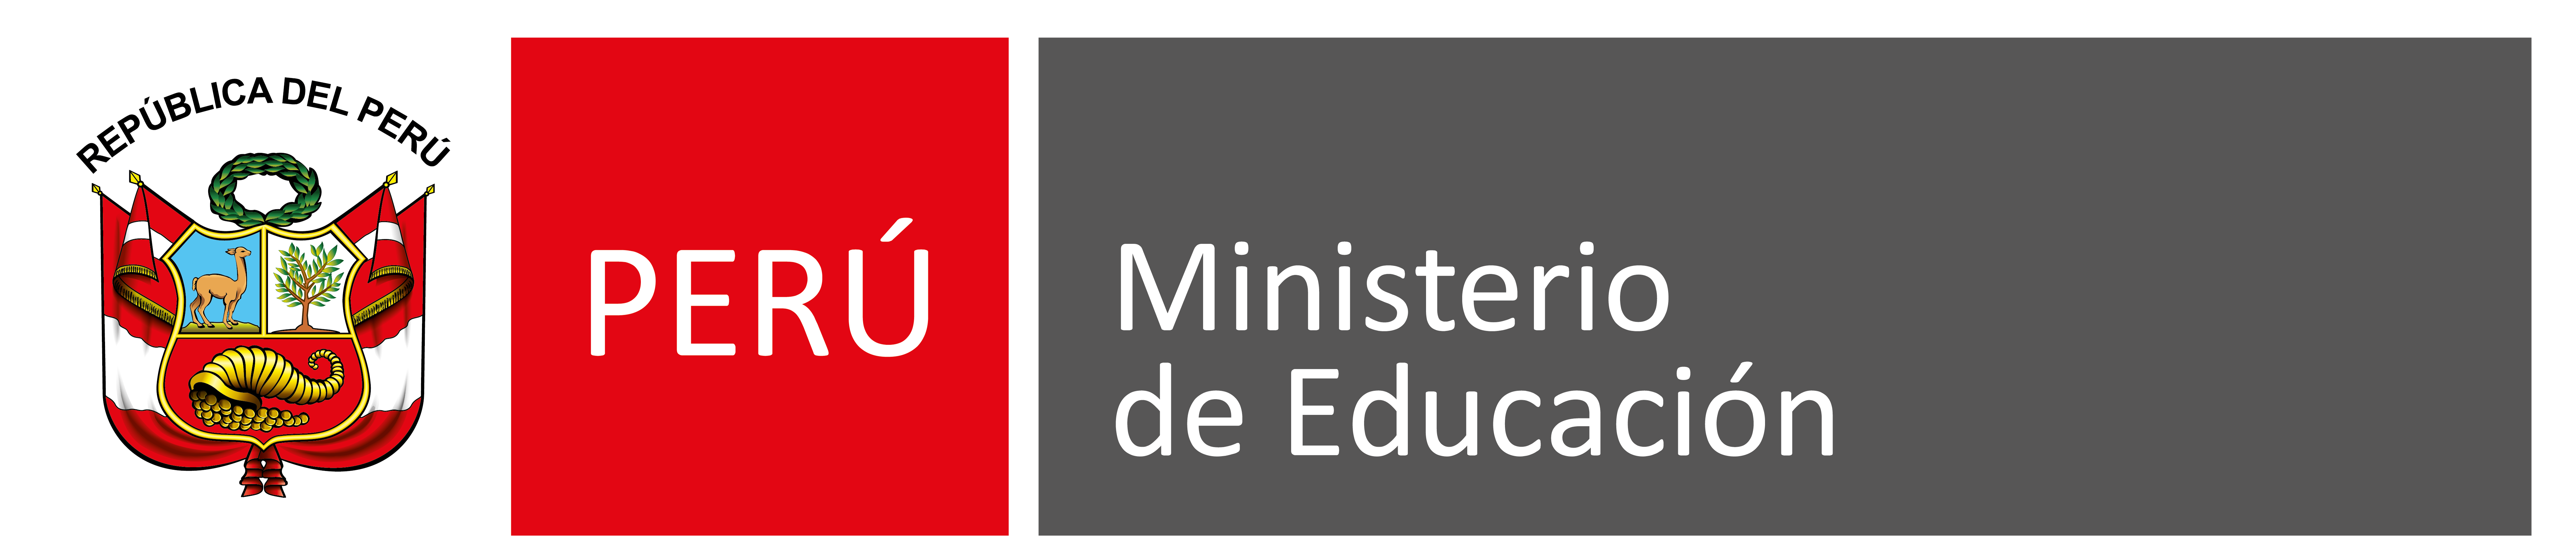 Archivo logo del ministerio de educaci n del per minedu for La pagina del ministerio